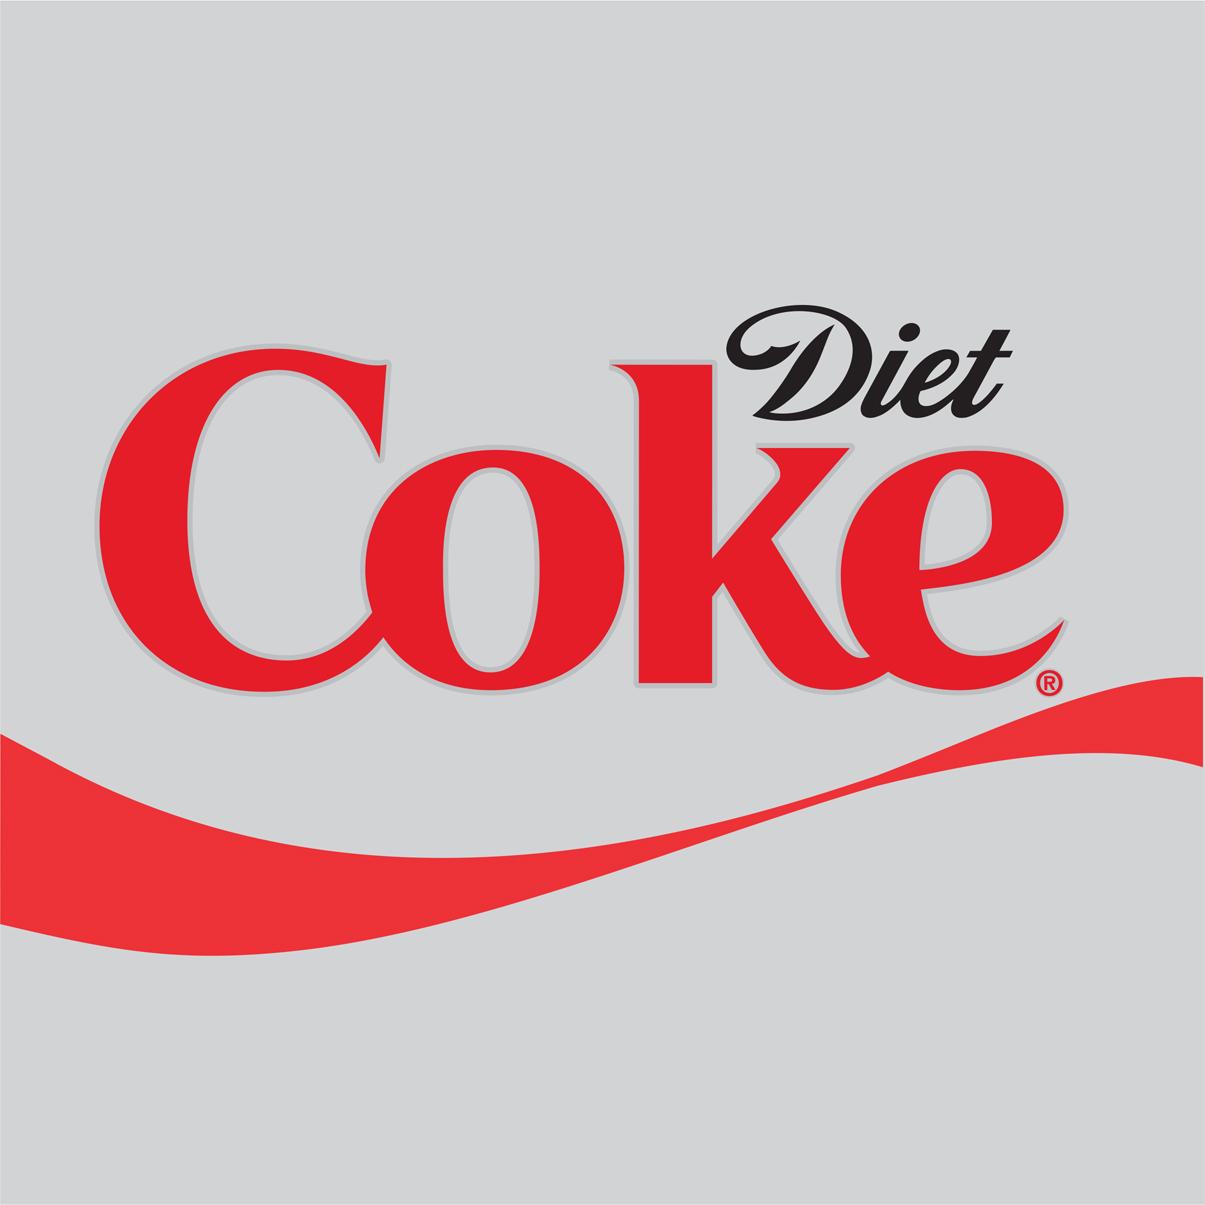 Diet_Coke_LOGO_2014